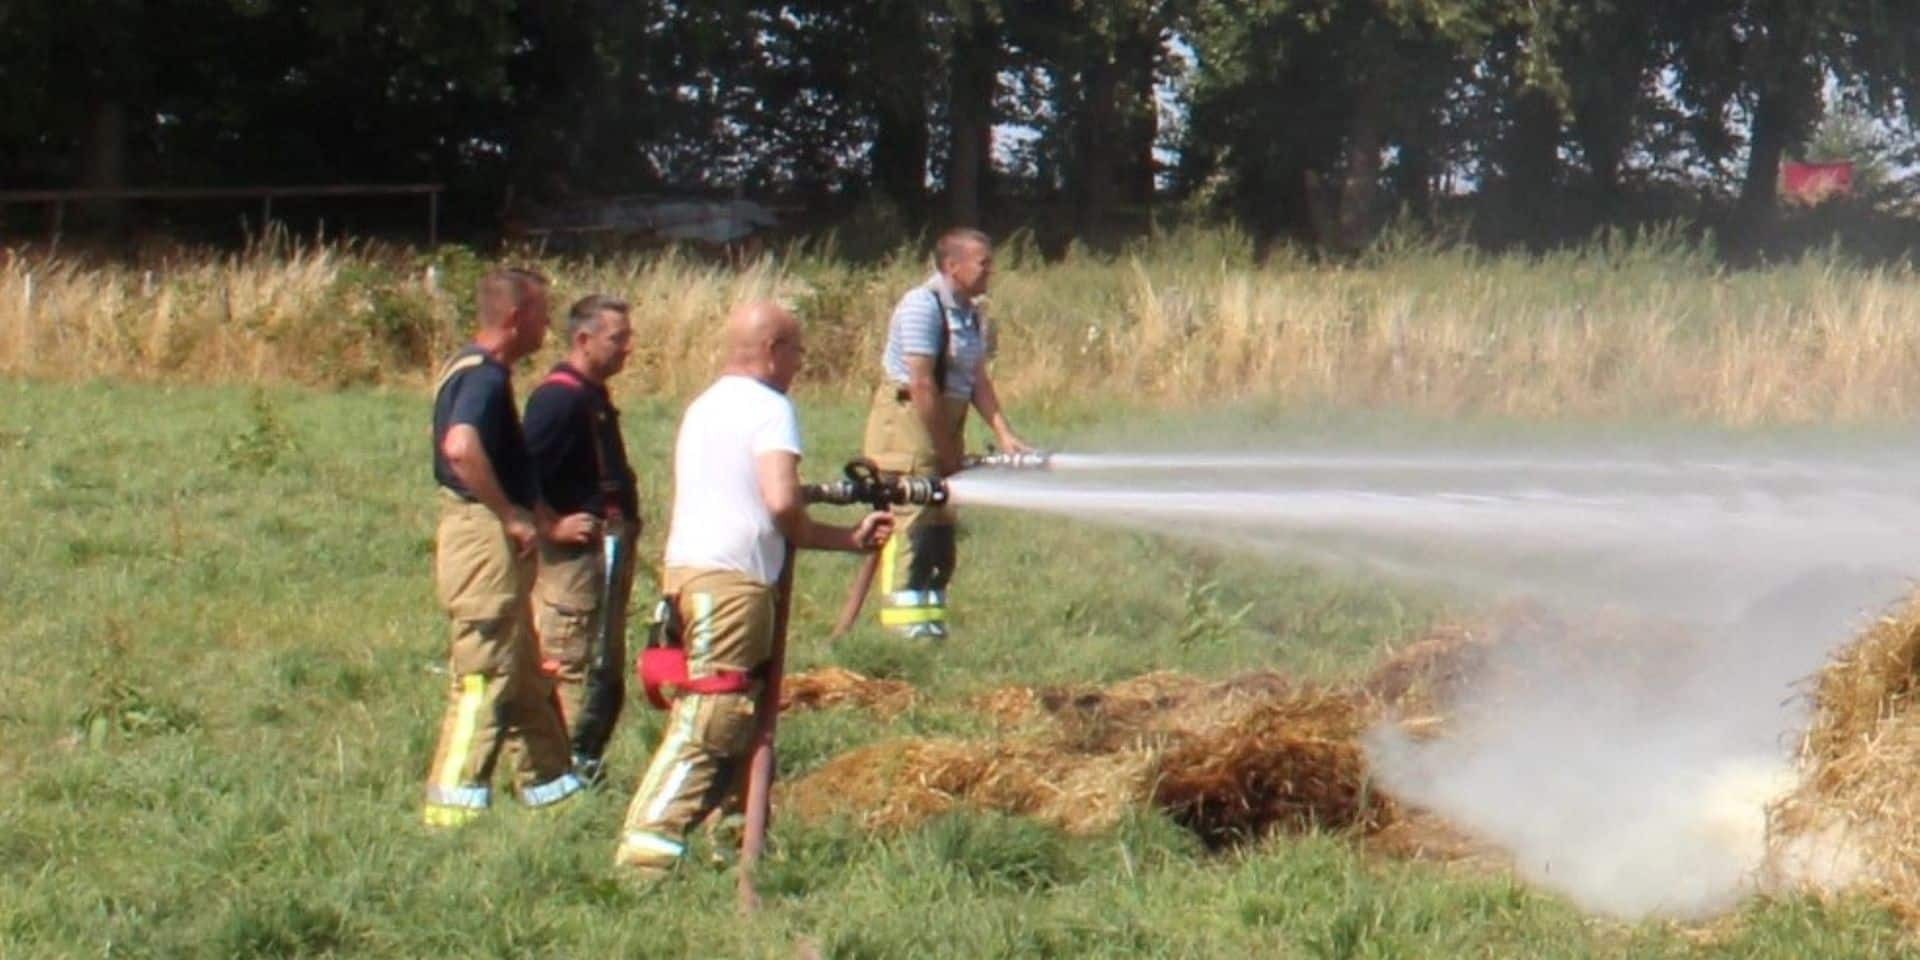 Incendie dans un champ entre Valansart et Izel (Chiny)